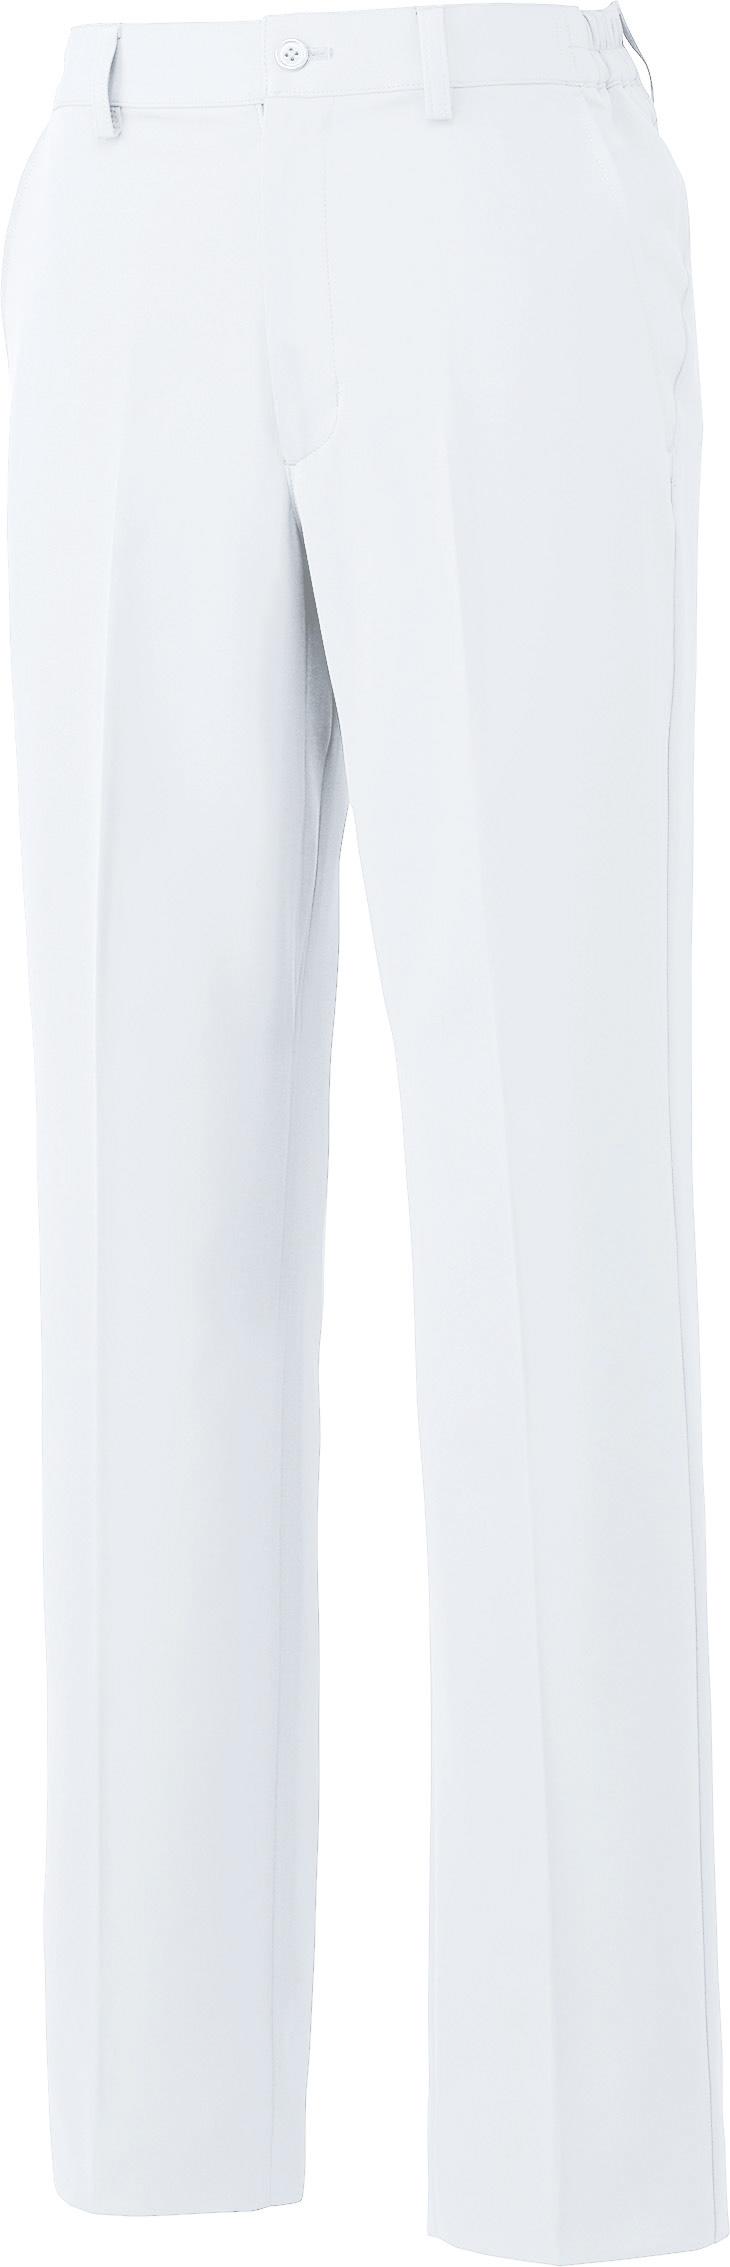 パンツ[男]販売。刺繍、プリント加工対応します。研修医、医療チームウェアに人気